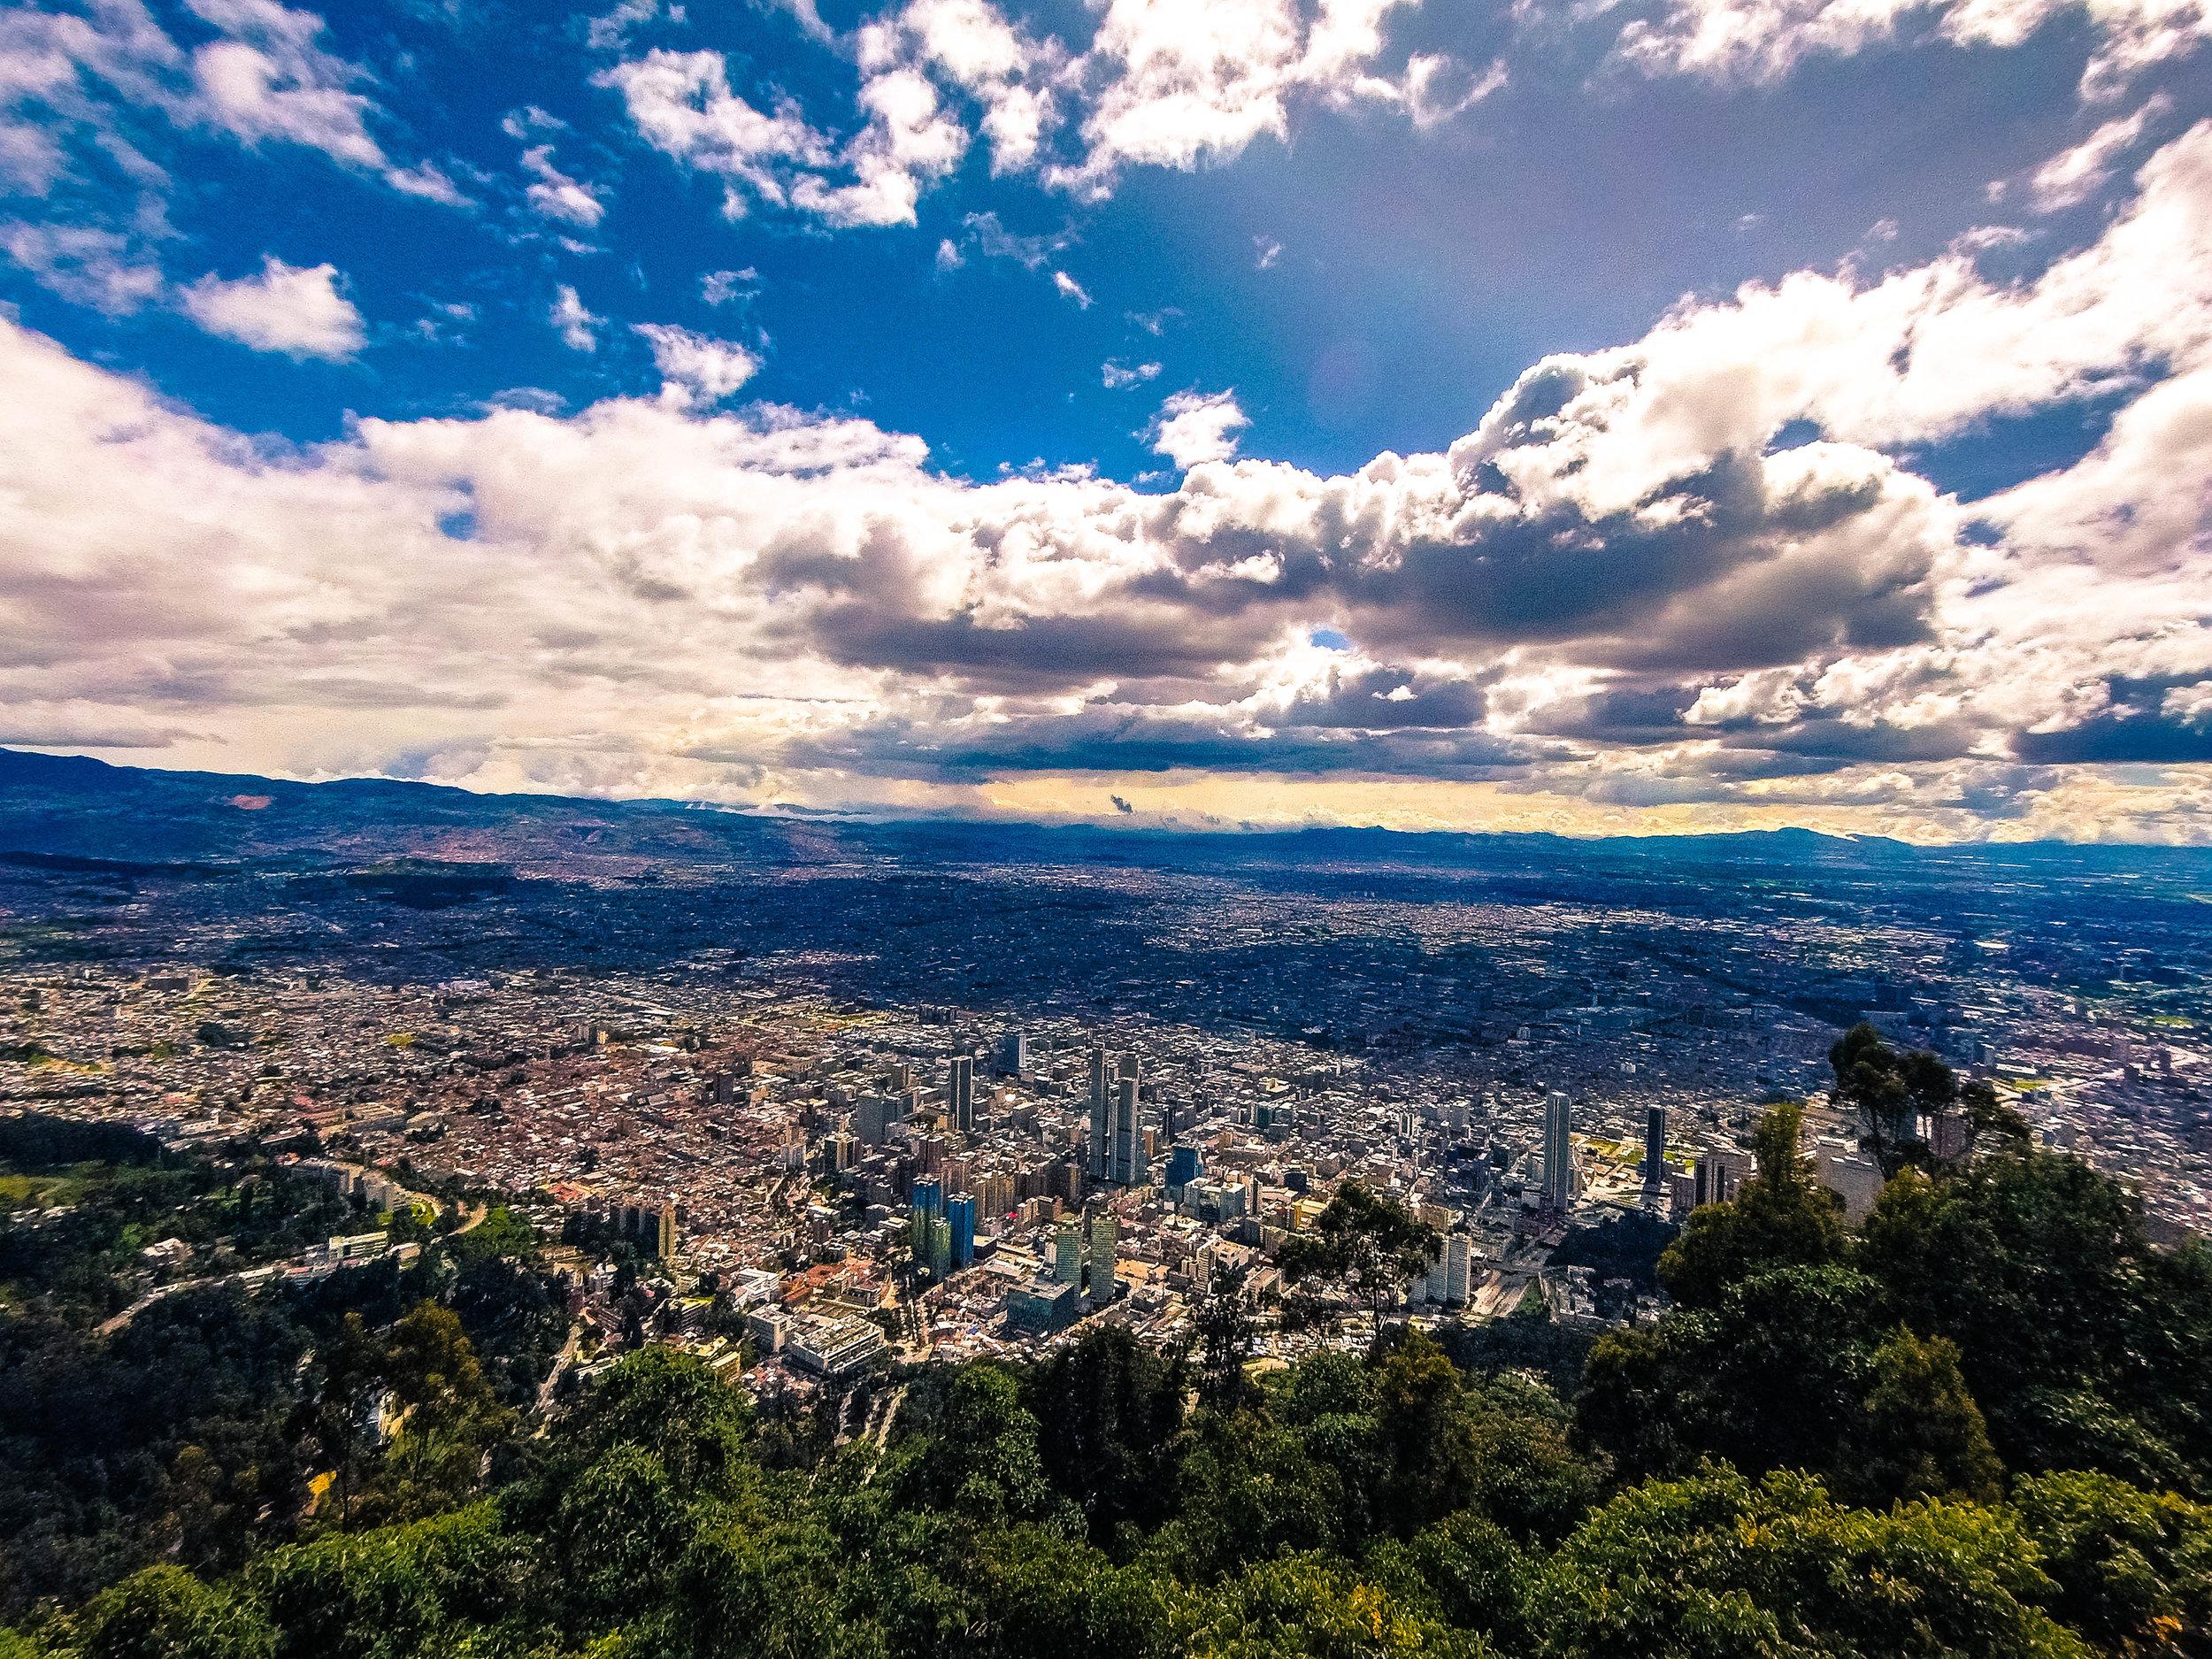 Bogotá, Colombia - Una de las ciudades más altas del mundo y una de las más baratas para el turista. Bogotá es una urbe con un clima único a pesar de estar en plena zona tropical. Quédate en la Zona Rosa, un área vibrante llena de bares, restaurantes y cafés. Vista la Monserrate. La vista es HERMOSA. No olvides Zipaquirá (catedral de sal), puedes llegar a la estación Portal Norte o Salitre y desde allí tomar un bus. Tampoco dejes fuera de tu lista Villa de Leyva (por bus) y el Museo de Oro en pleno centro capitalino. Los vuelos para llegar a Bogotá se pueden conseguir desde $110 a $240 cuando están en oferta.